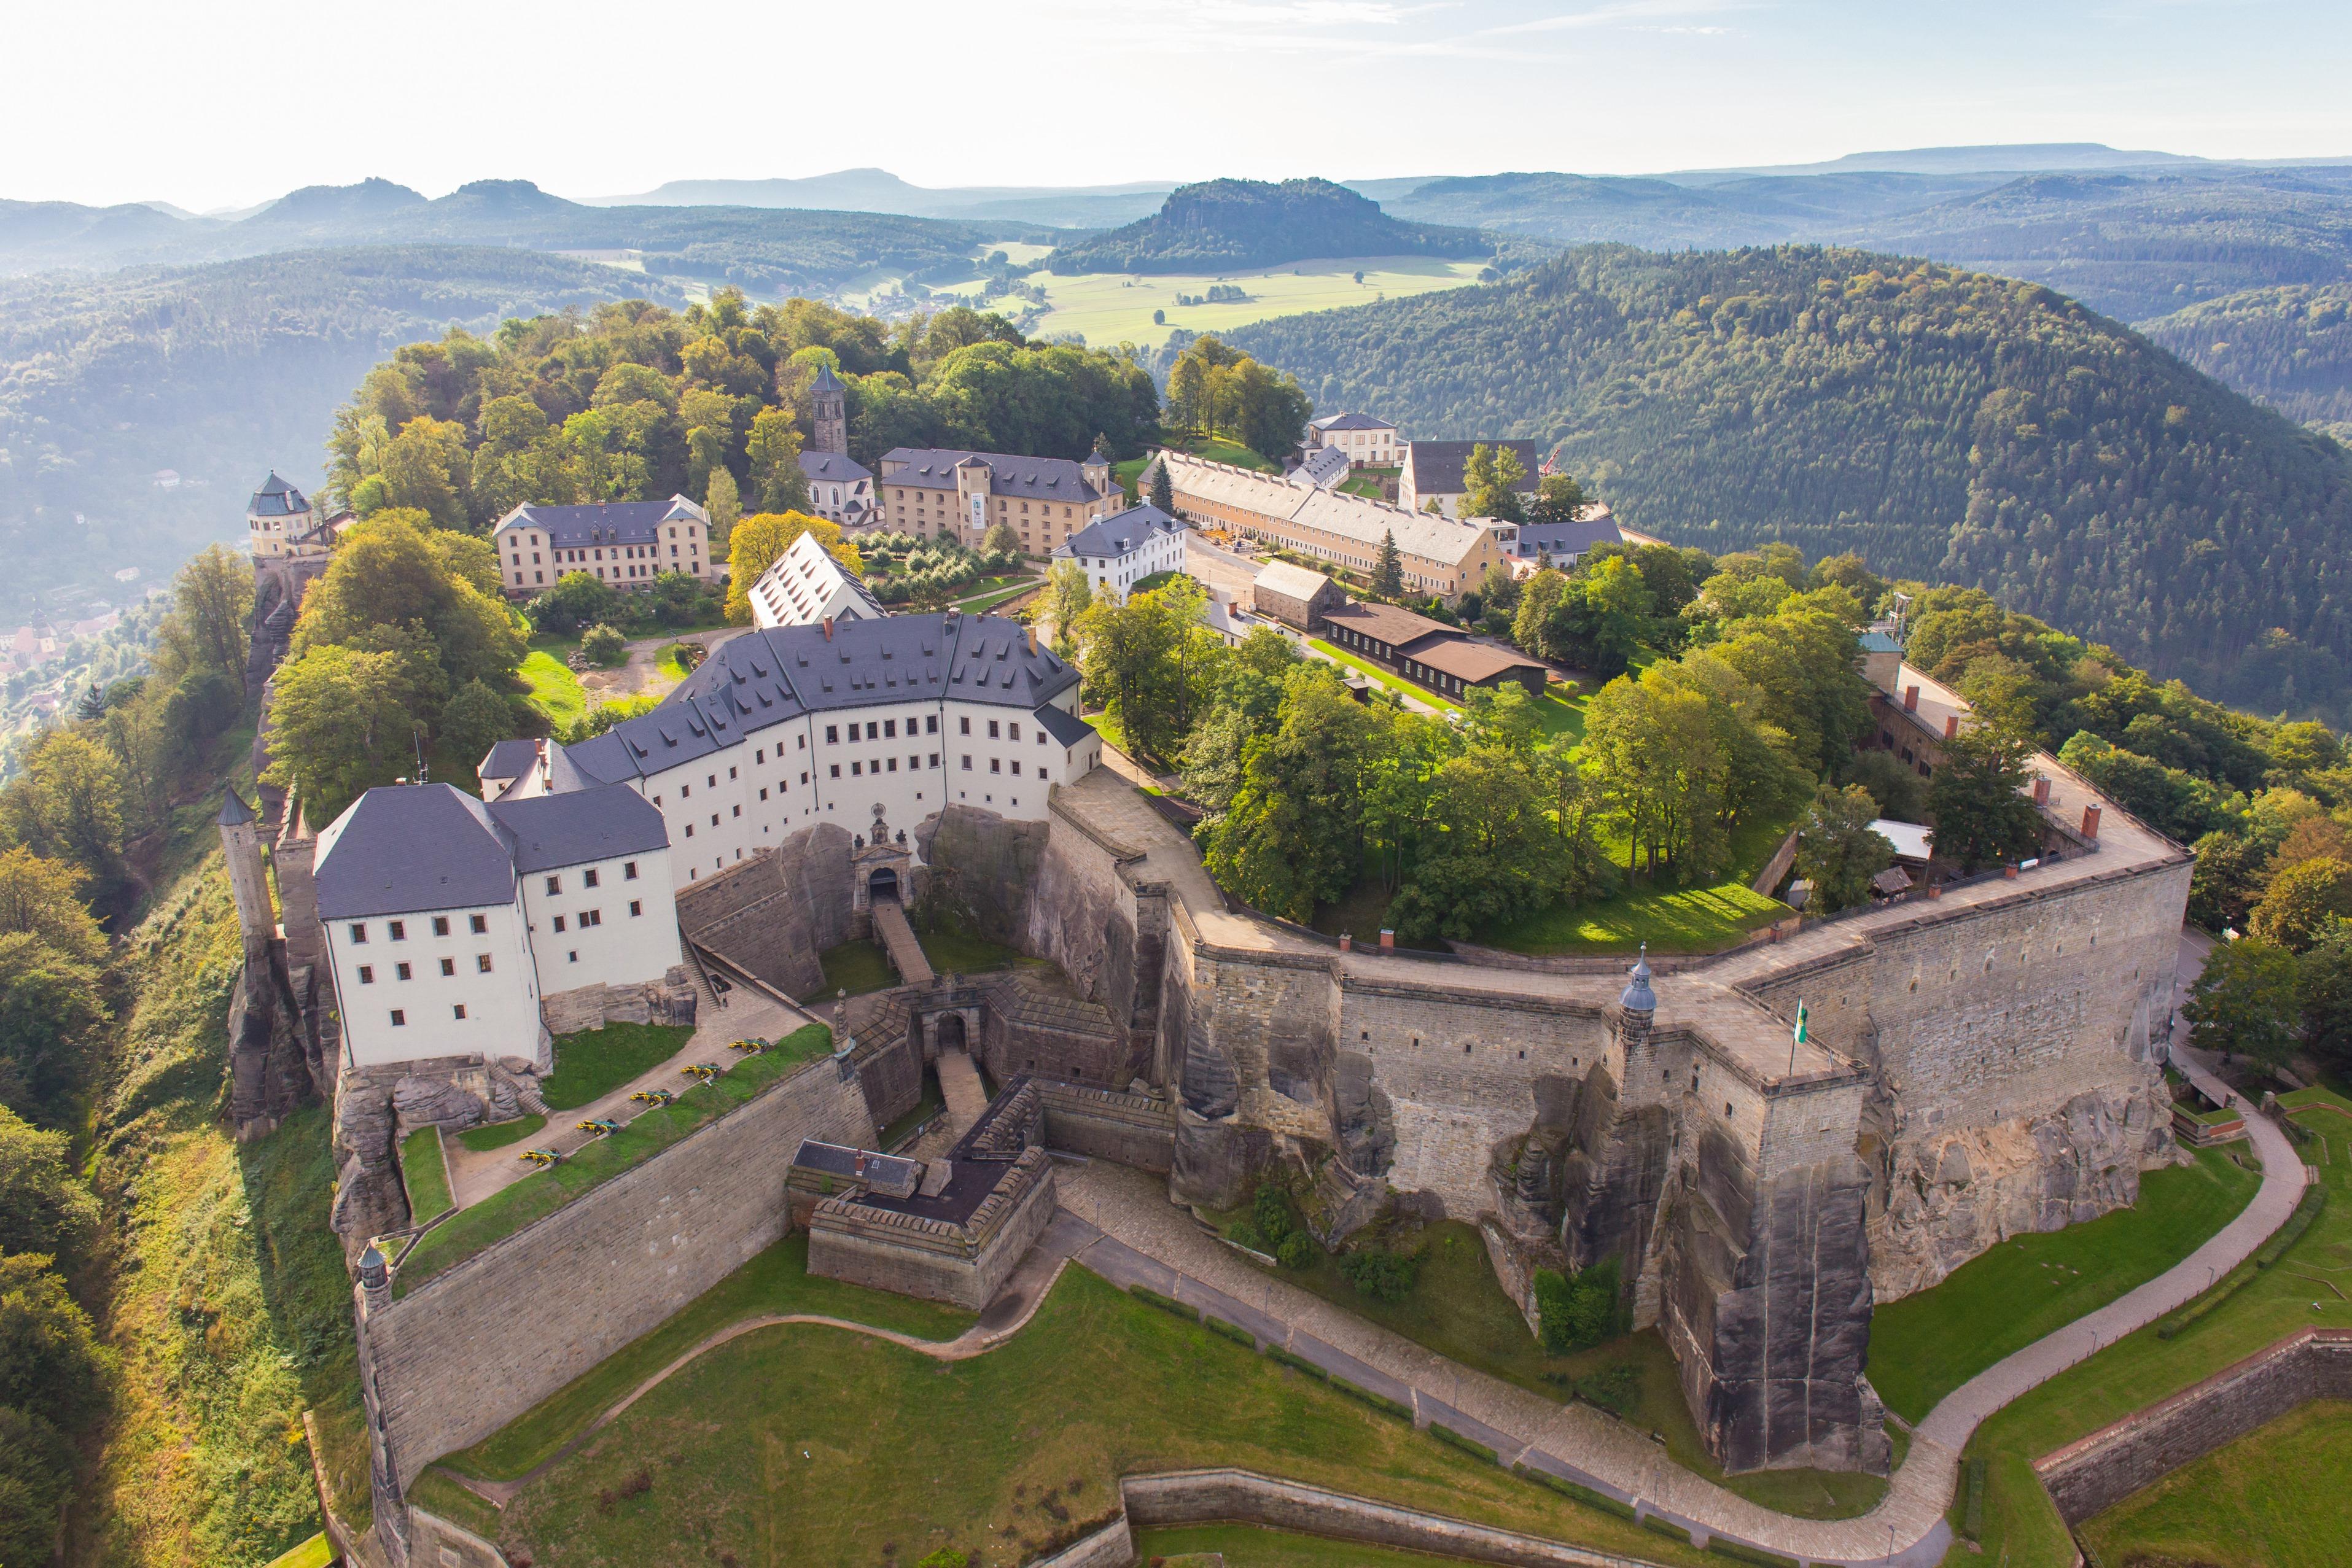 5-Festung_Koenigstein_-_Luftbild2_-_Foto_Frank_Lochau